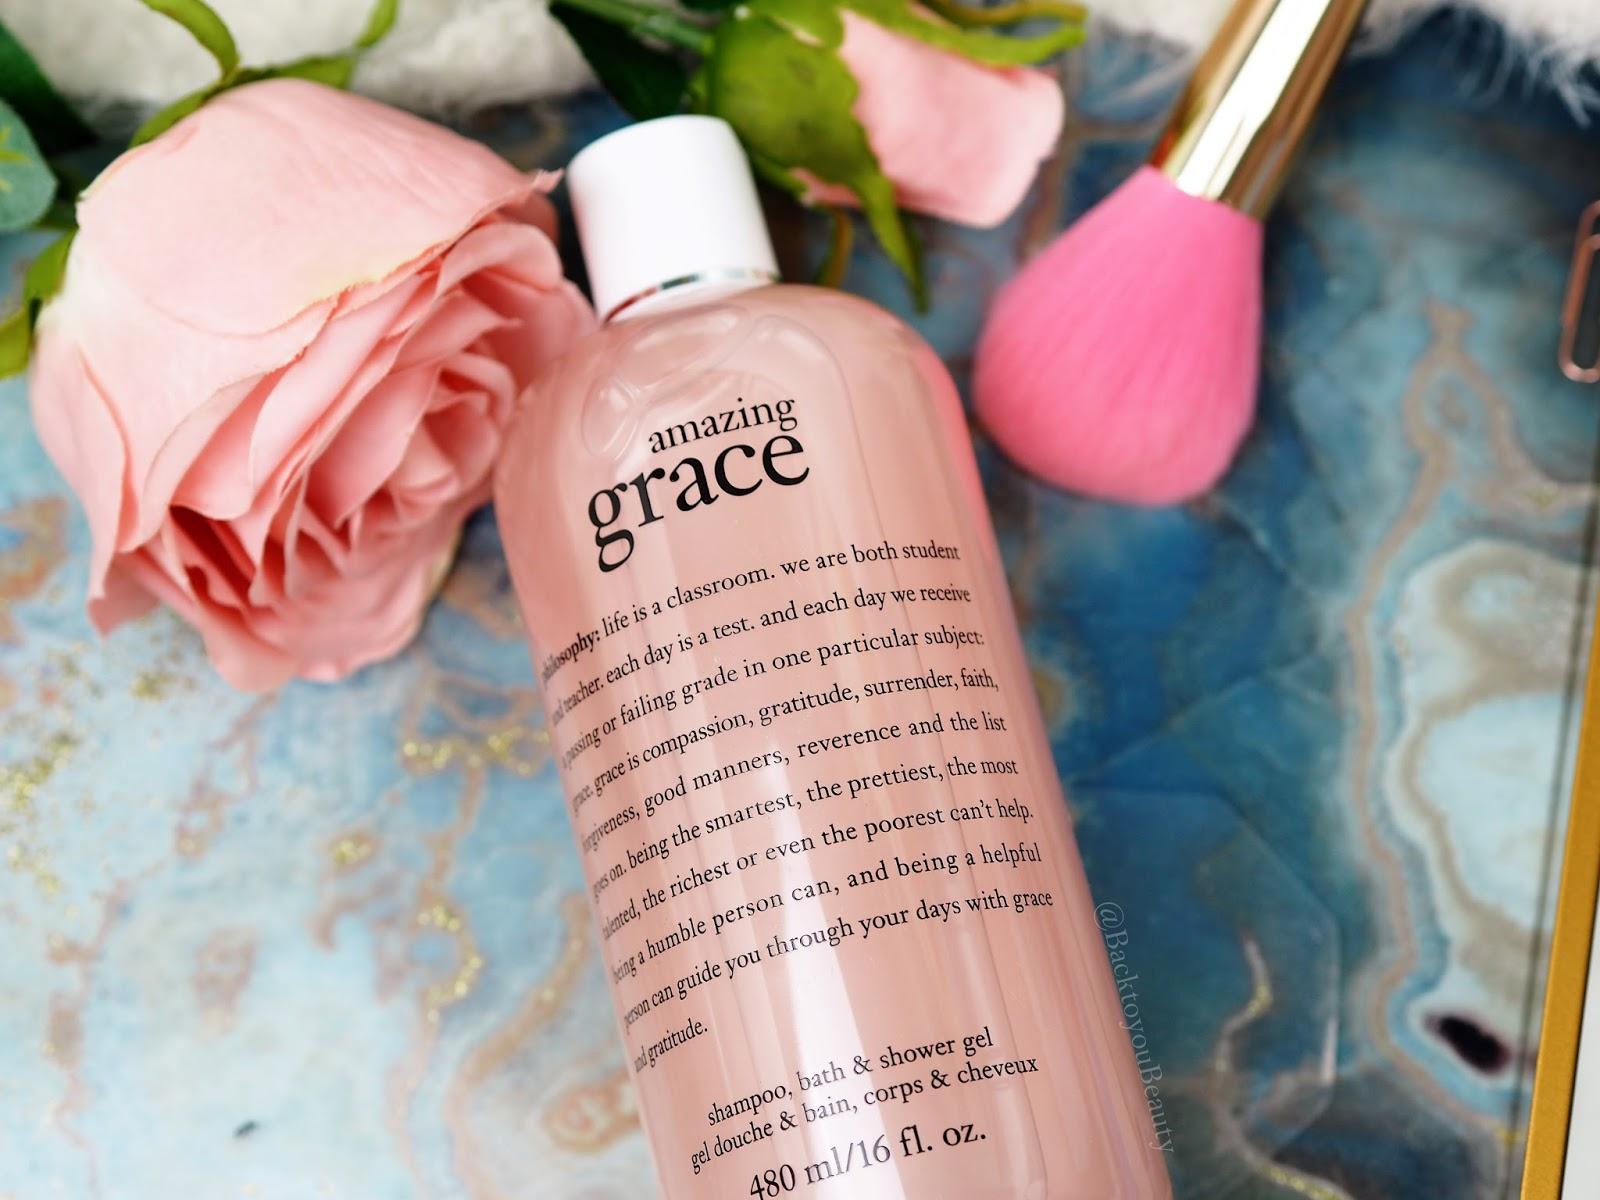 Amazing Grace Shampoo, Bath & Shower Gel 480ml